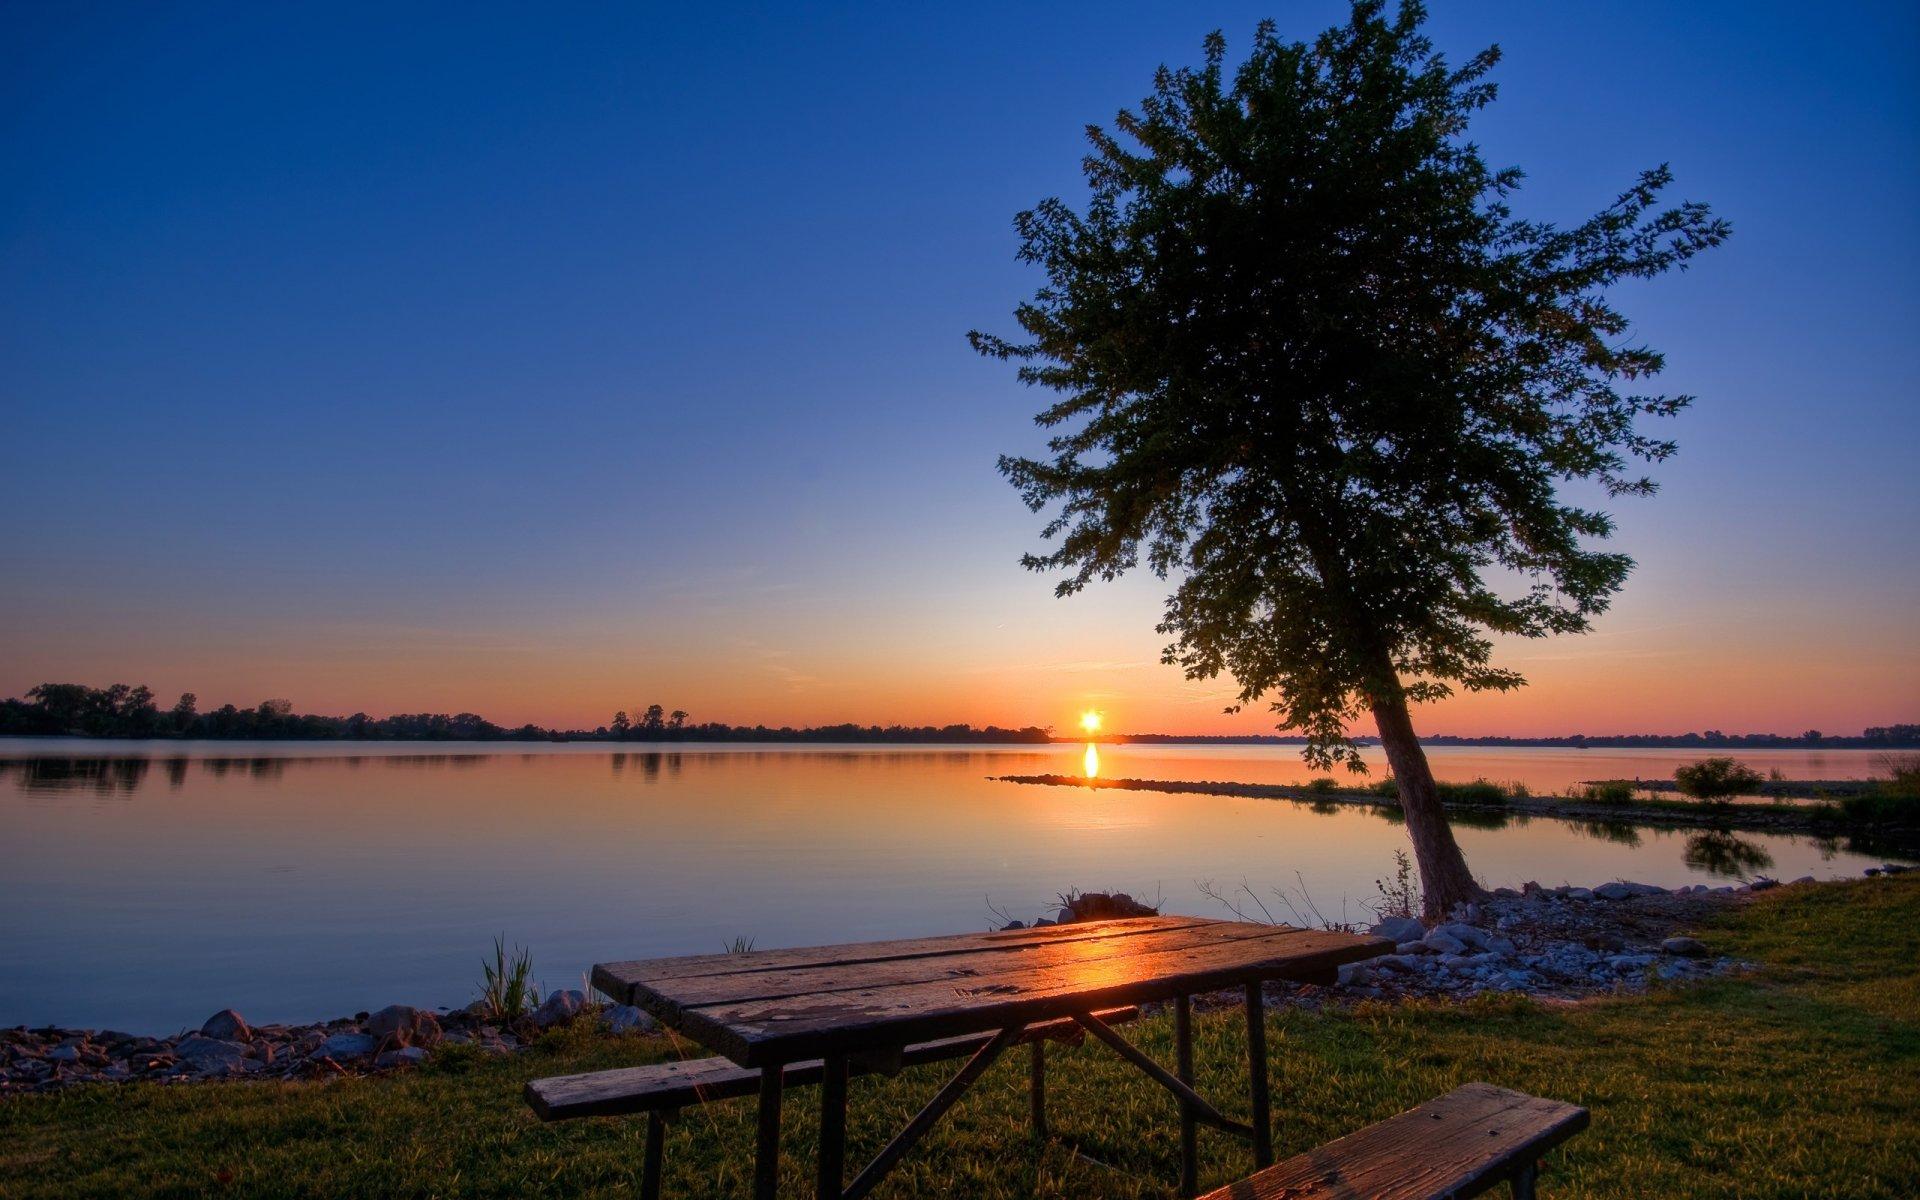 картинки на рабочий стол озеро закат новым годом